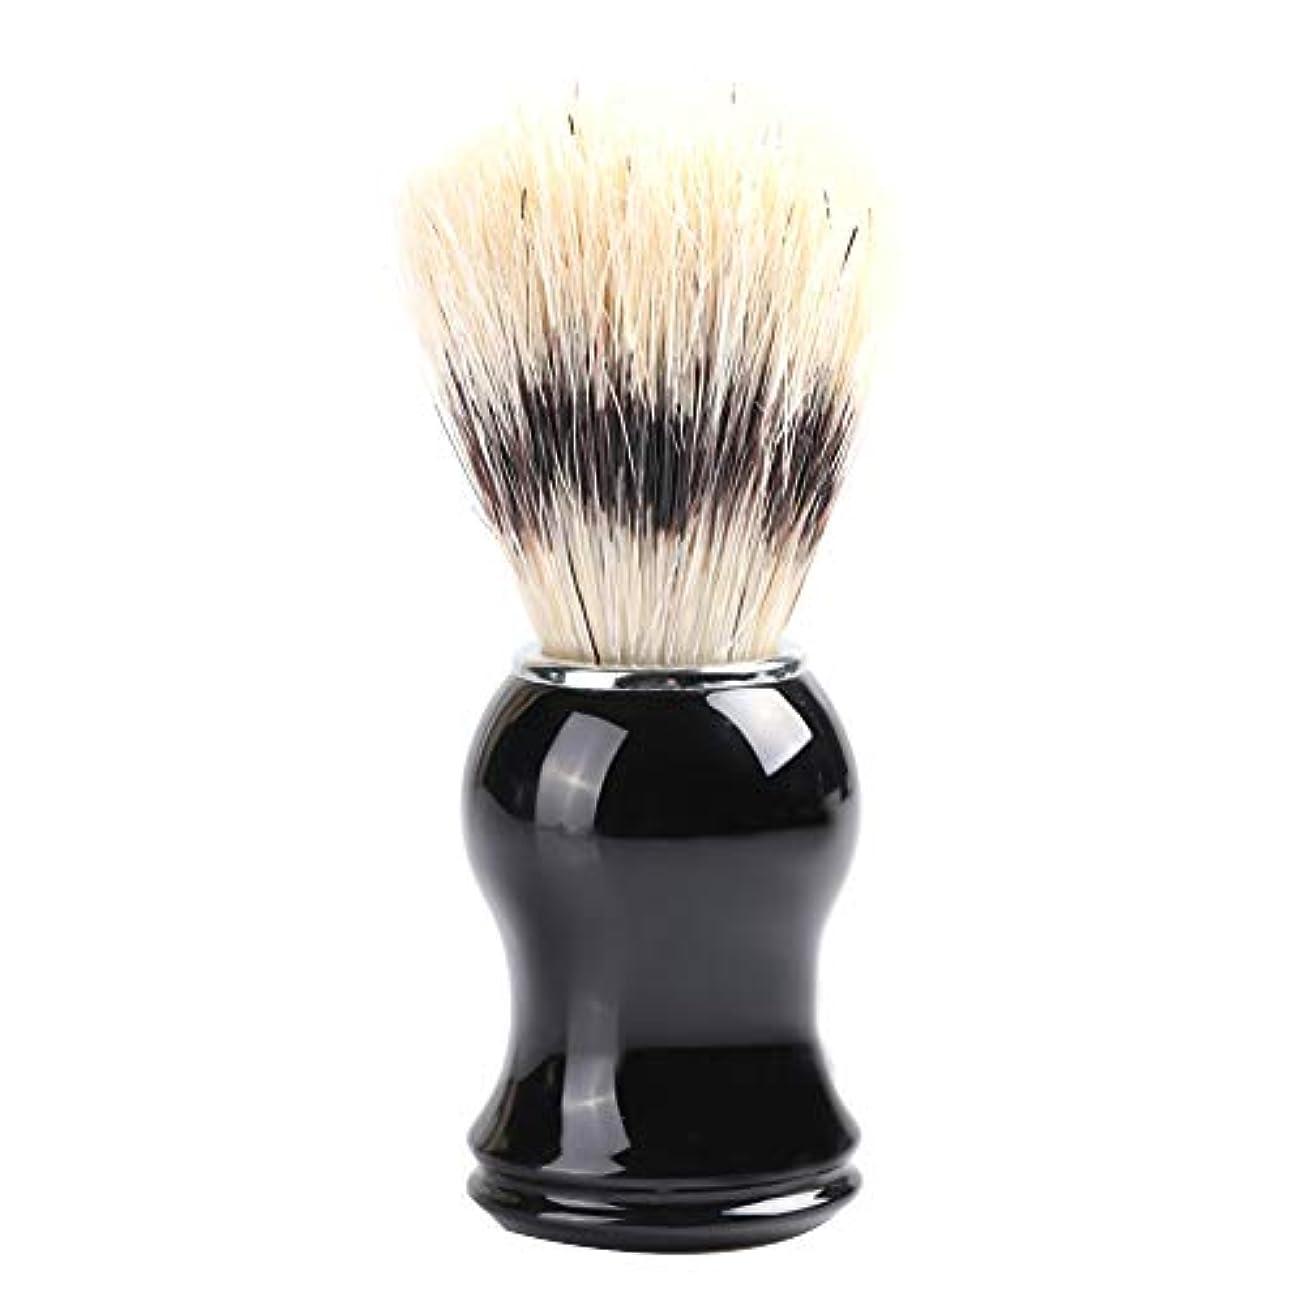 パトロール科学的オリエントひげブラシ 髭剃り メンズ シェービングブラシ 木製コム 毛髭ブラシバッガーヘア シェービングブラシ ポータブルひげ剃り美容(ナイロン)